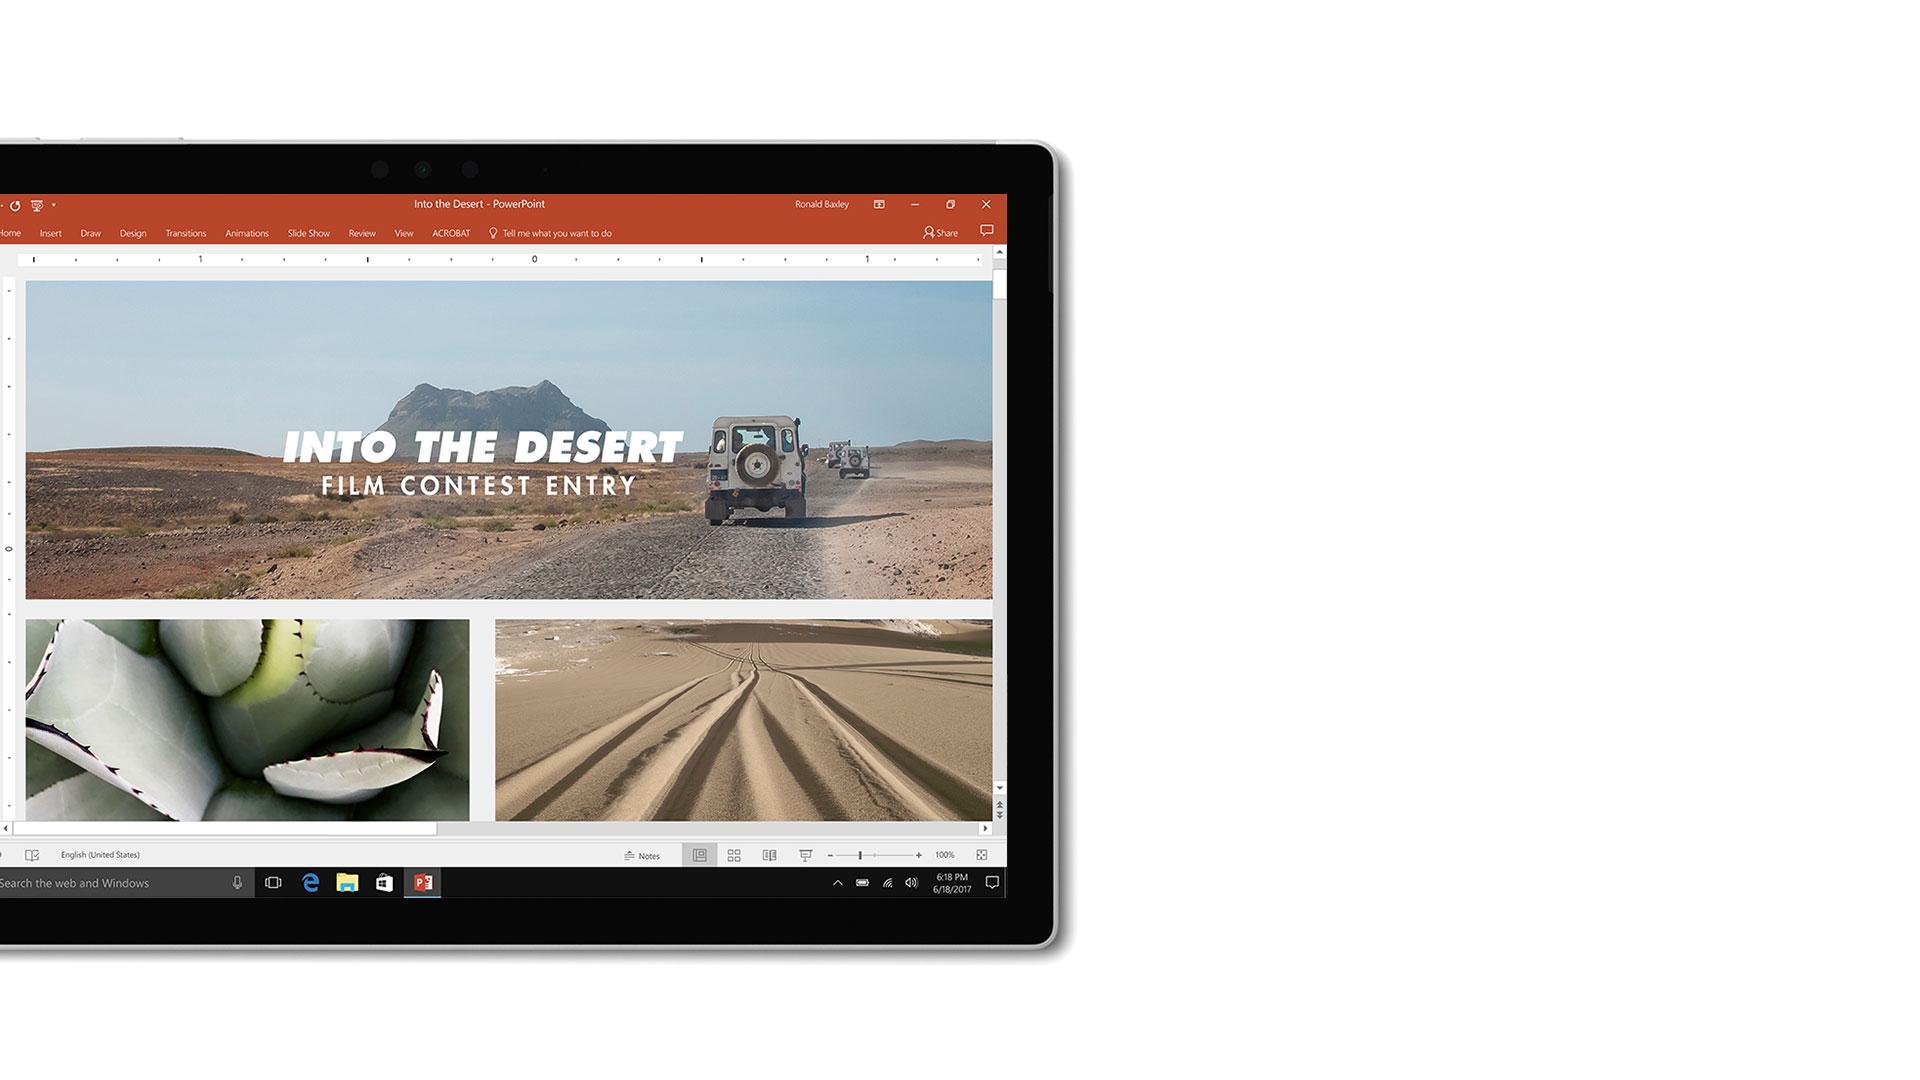 Immagine dell'interfaccia utente di Microsoft PowerPoint